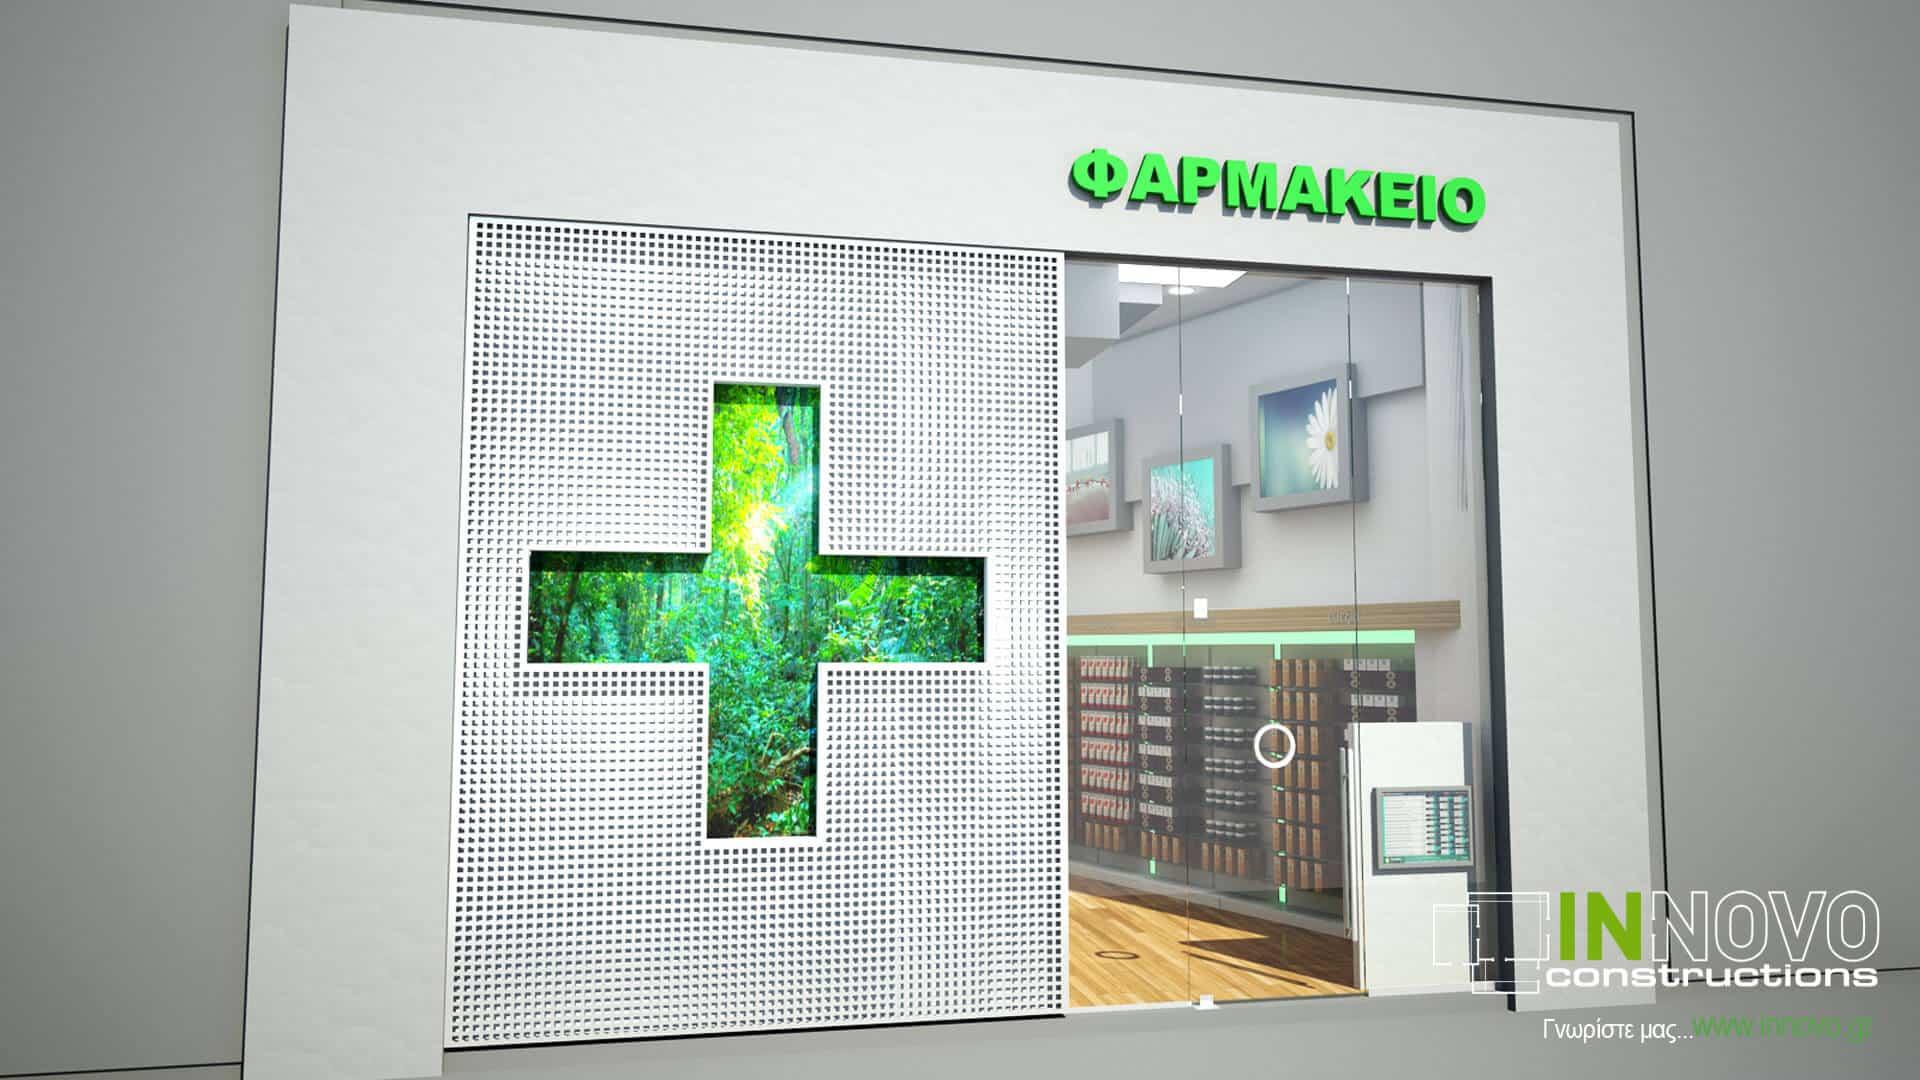 Στην Καλλιθέα, κατασκευή και εξοπλισμός φαρμακείου από την Constructions